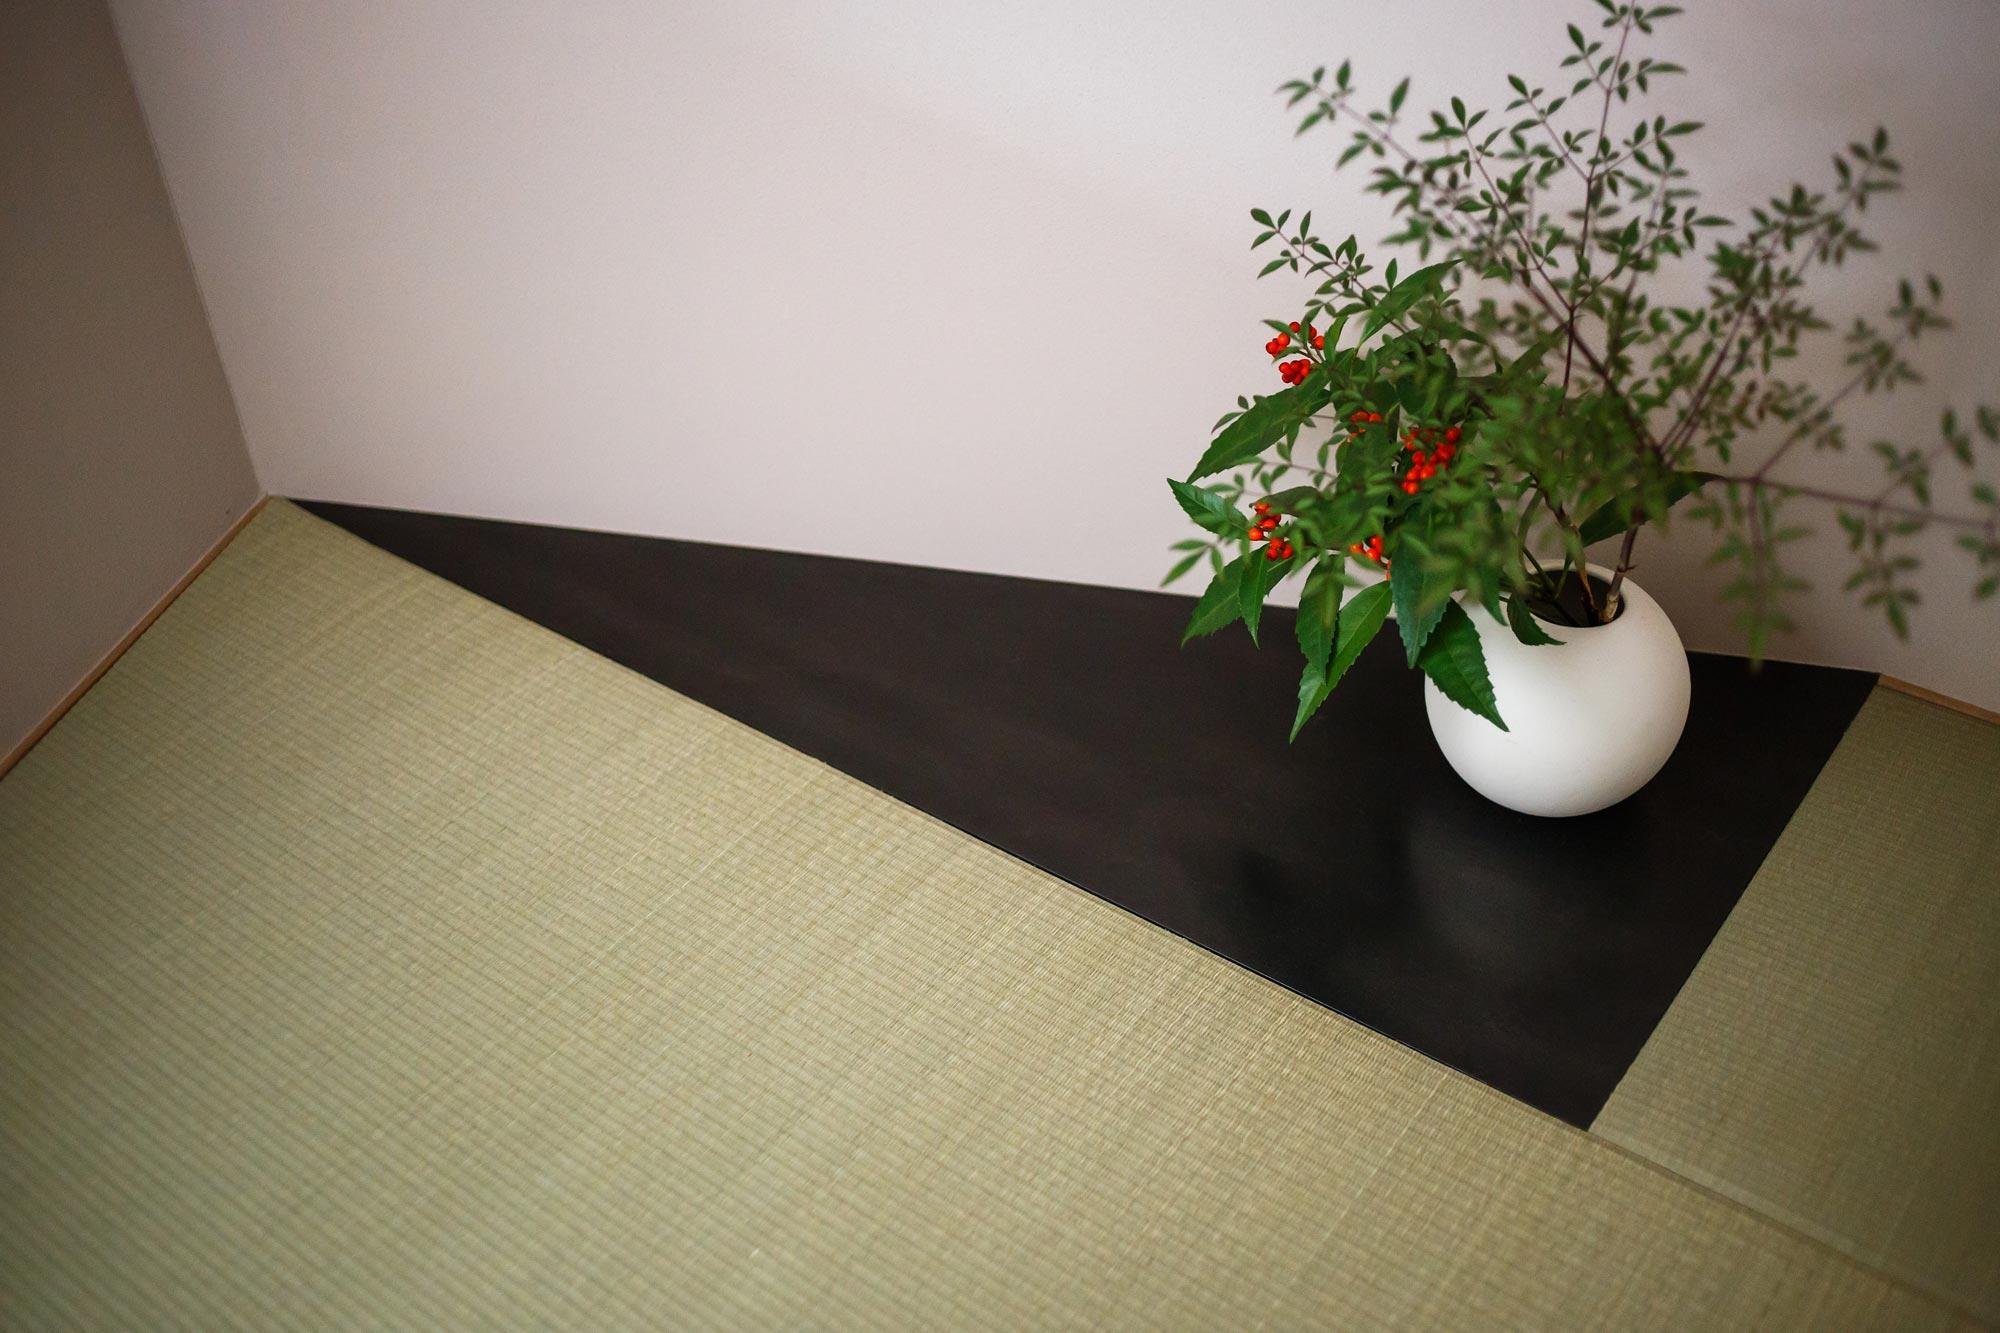 和室の床の間:黒皮鉄でつくり、すこしモダンな雰囲気に。季節の花などを飾ってアクセントに